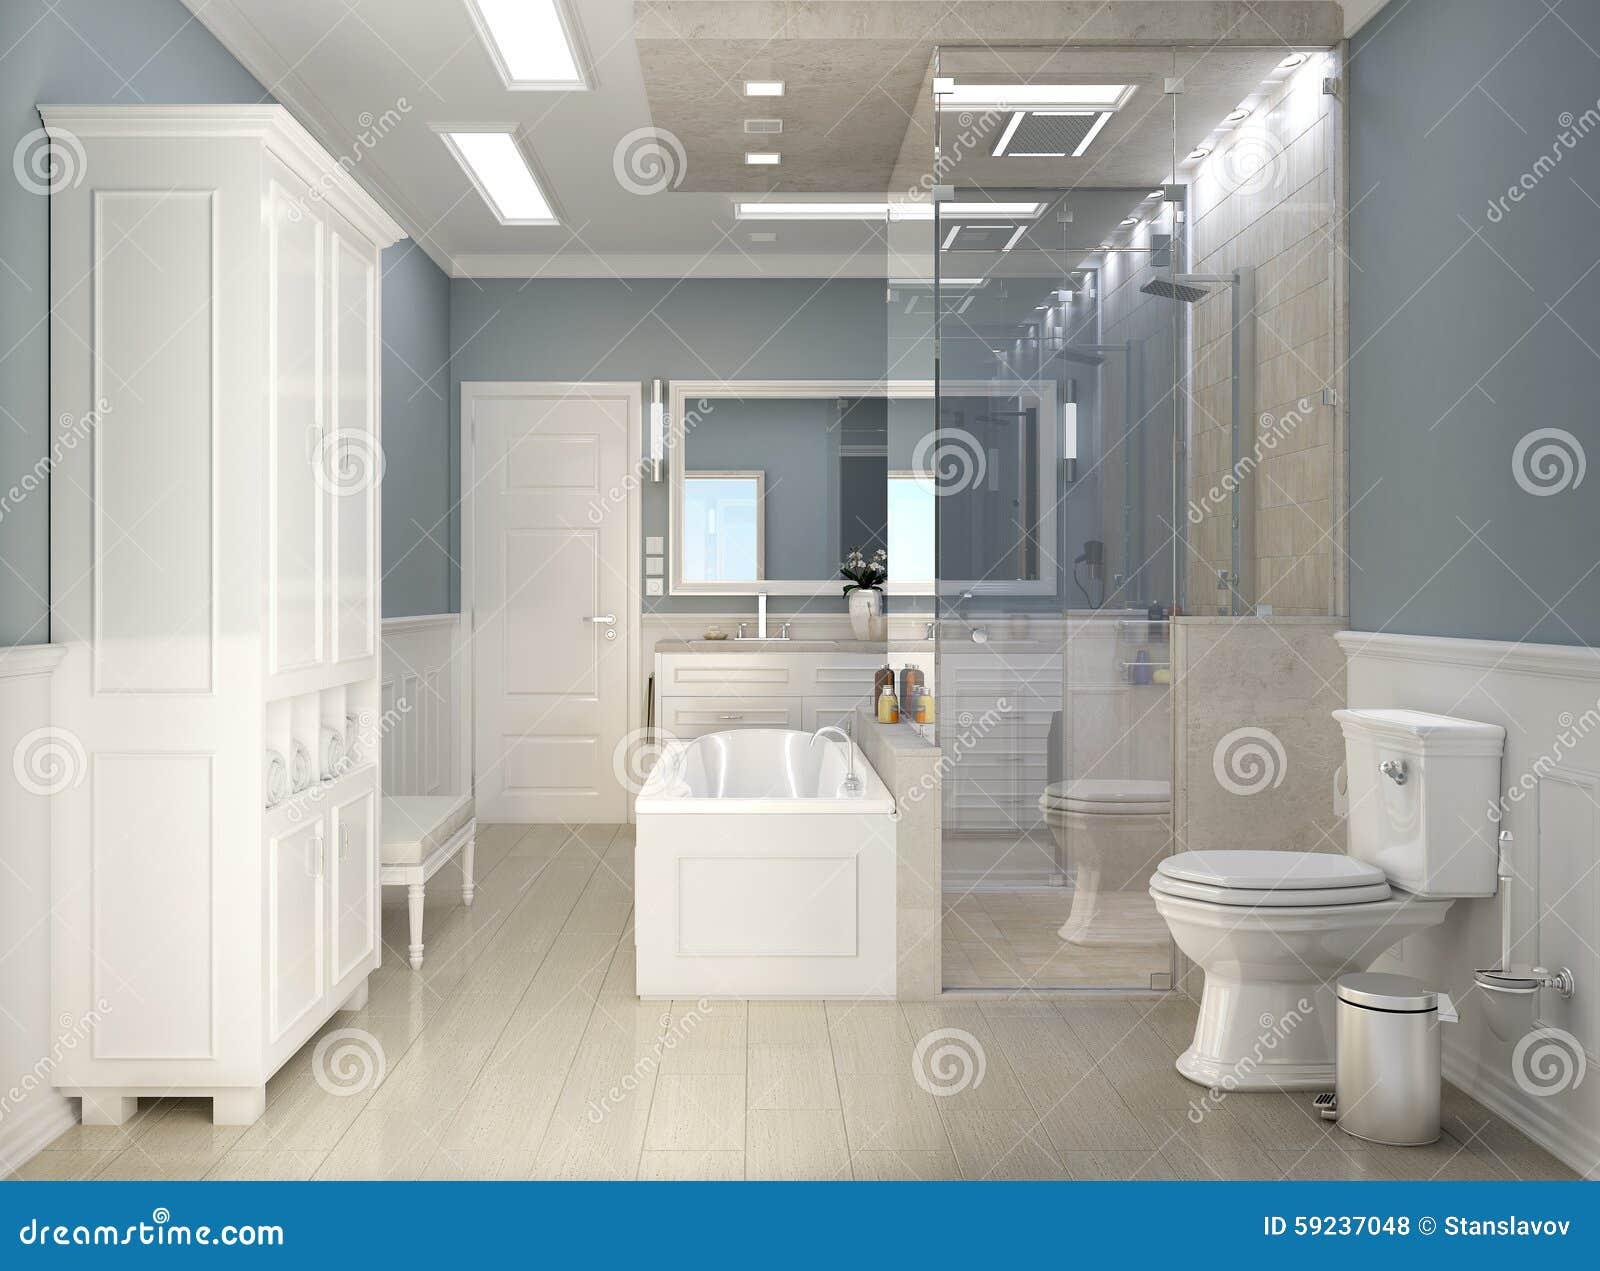 Modernes Klassisches Badezimmer Mit WC Stockfoto - Bild von ...